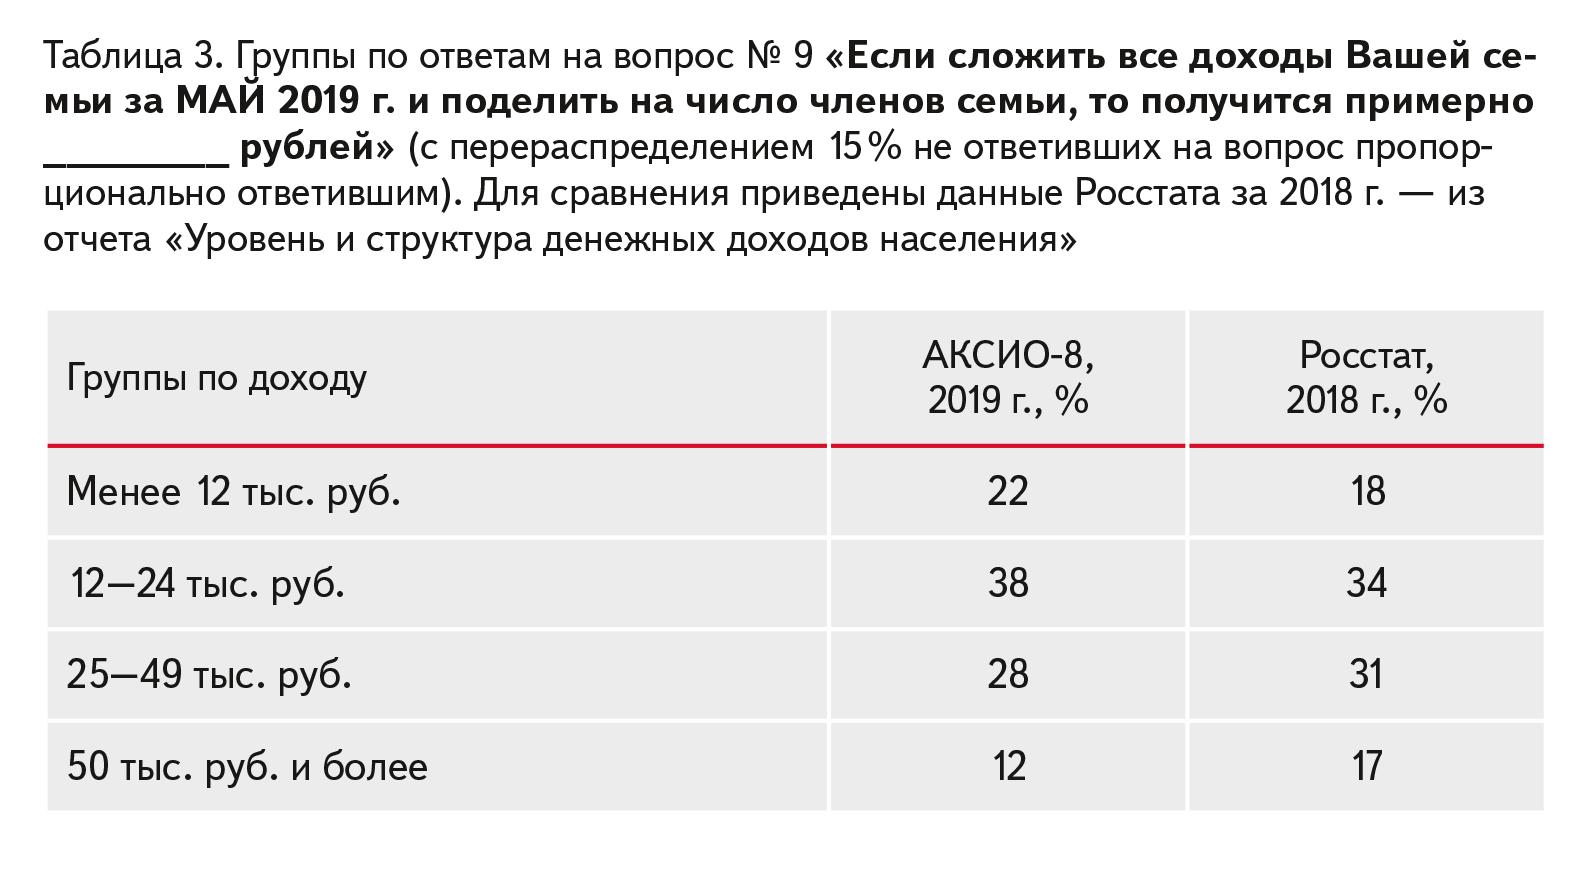 20190809_02-34-АКСИО-8-Состояние умов-pic03